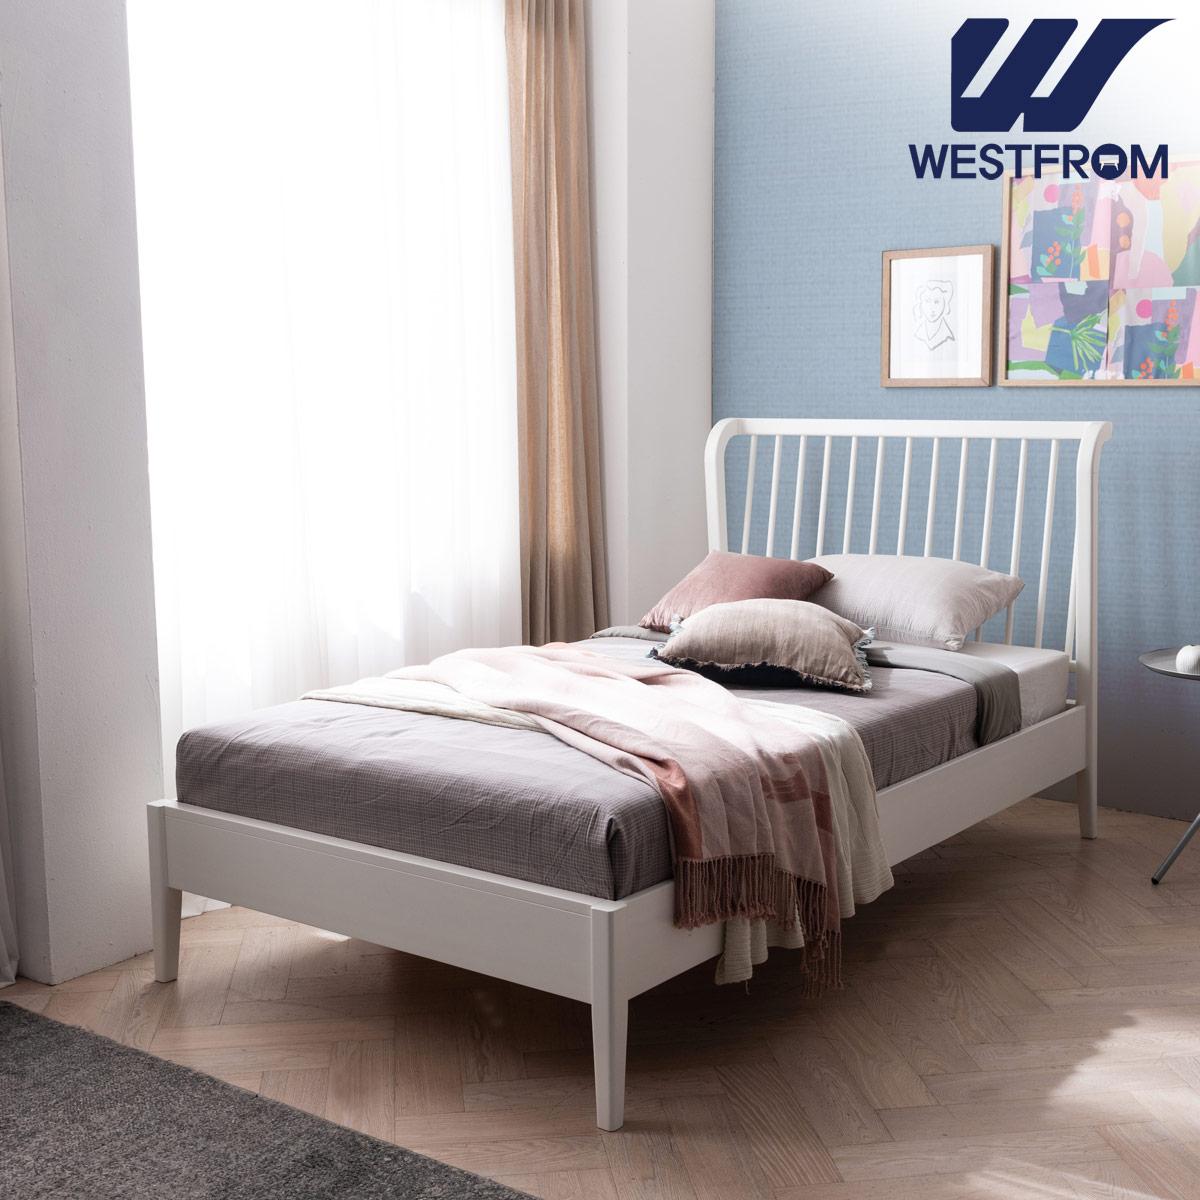 [웨스트프롬] 모던 잉그리드) 원목 평상형 침대(SS) / 클라우드 Top F15 SS 매트리스